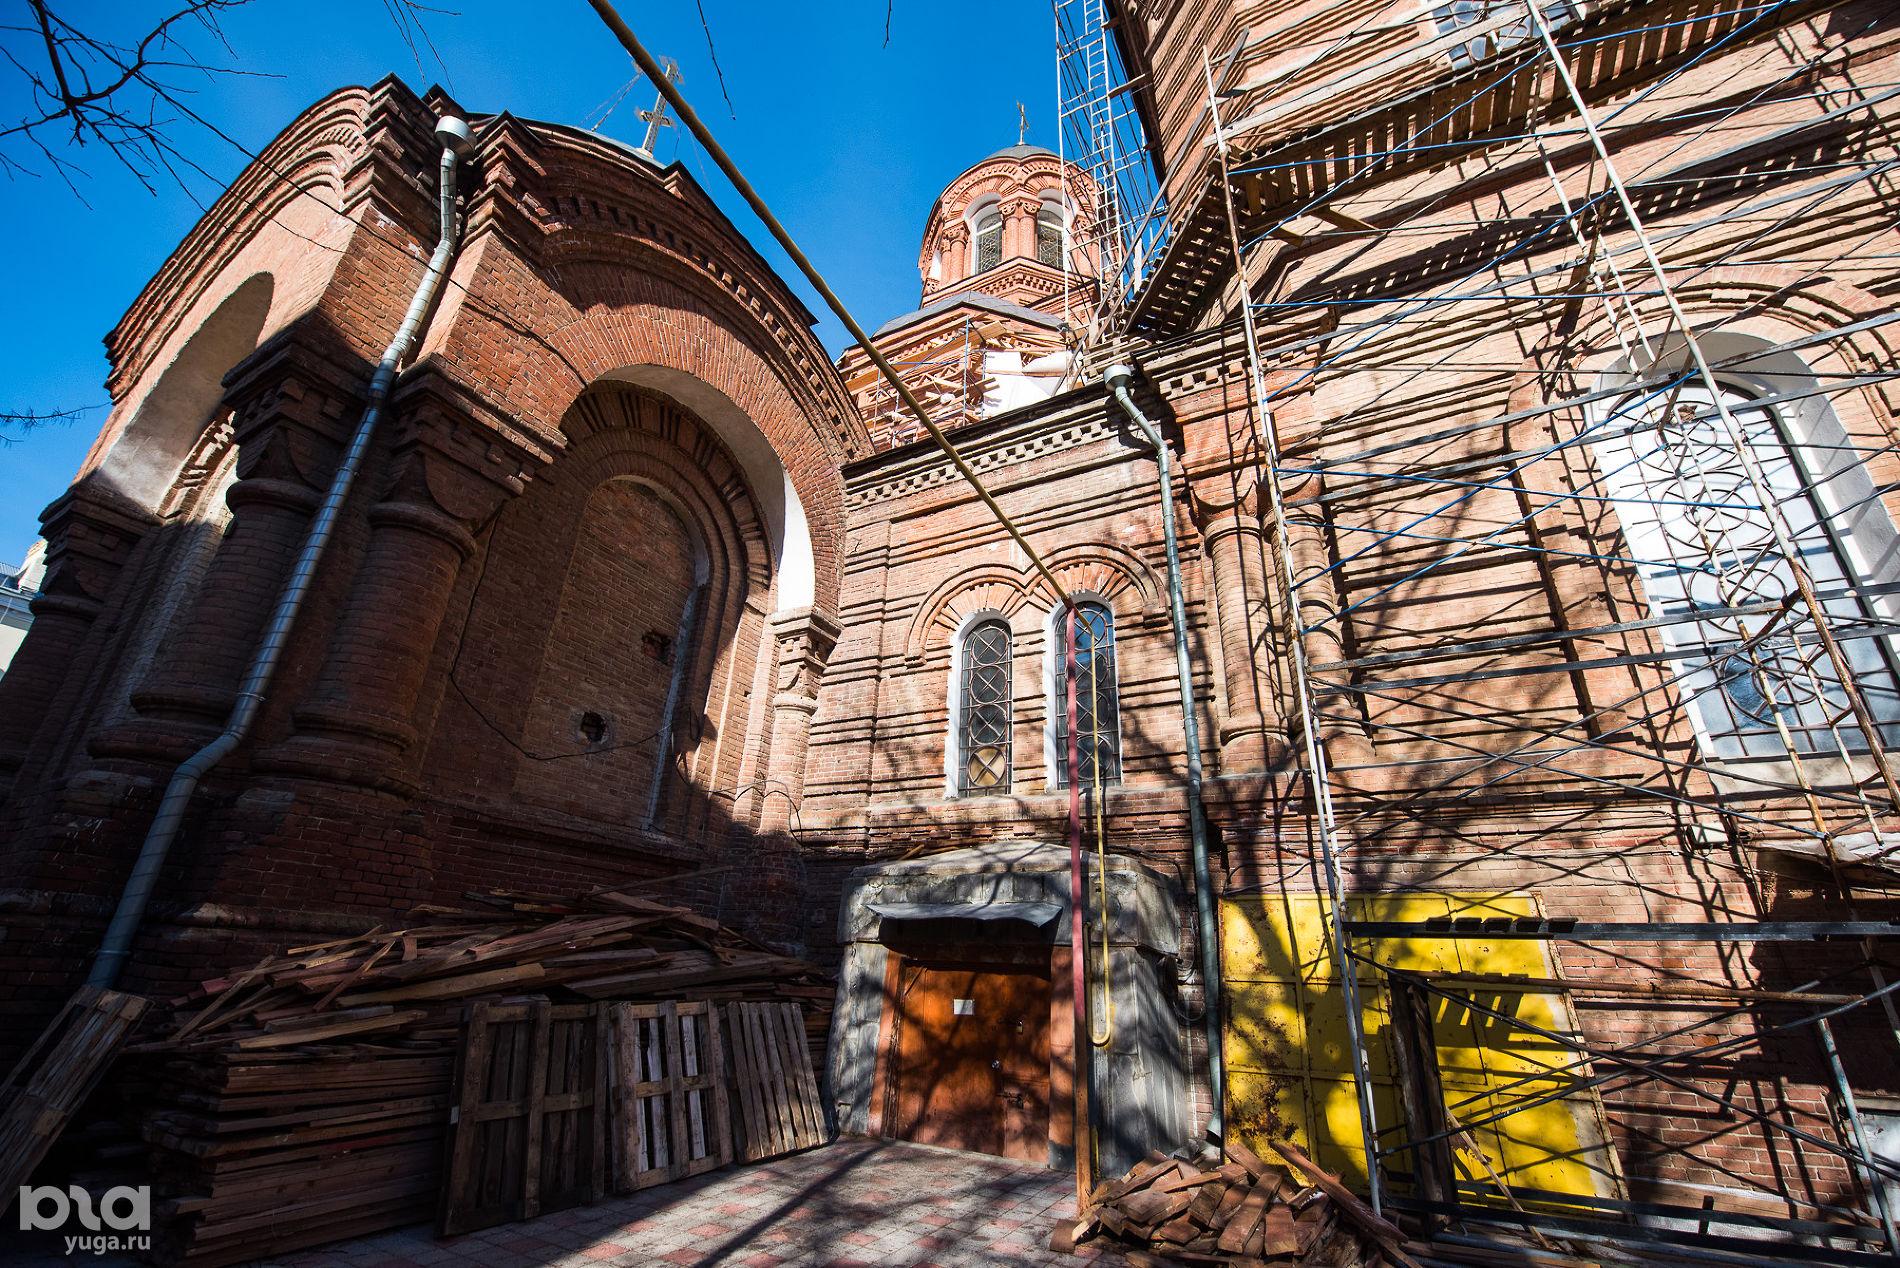 Свято-Екатерининский храм ©Фото Елены Синеок, Юга.ру